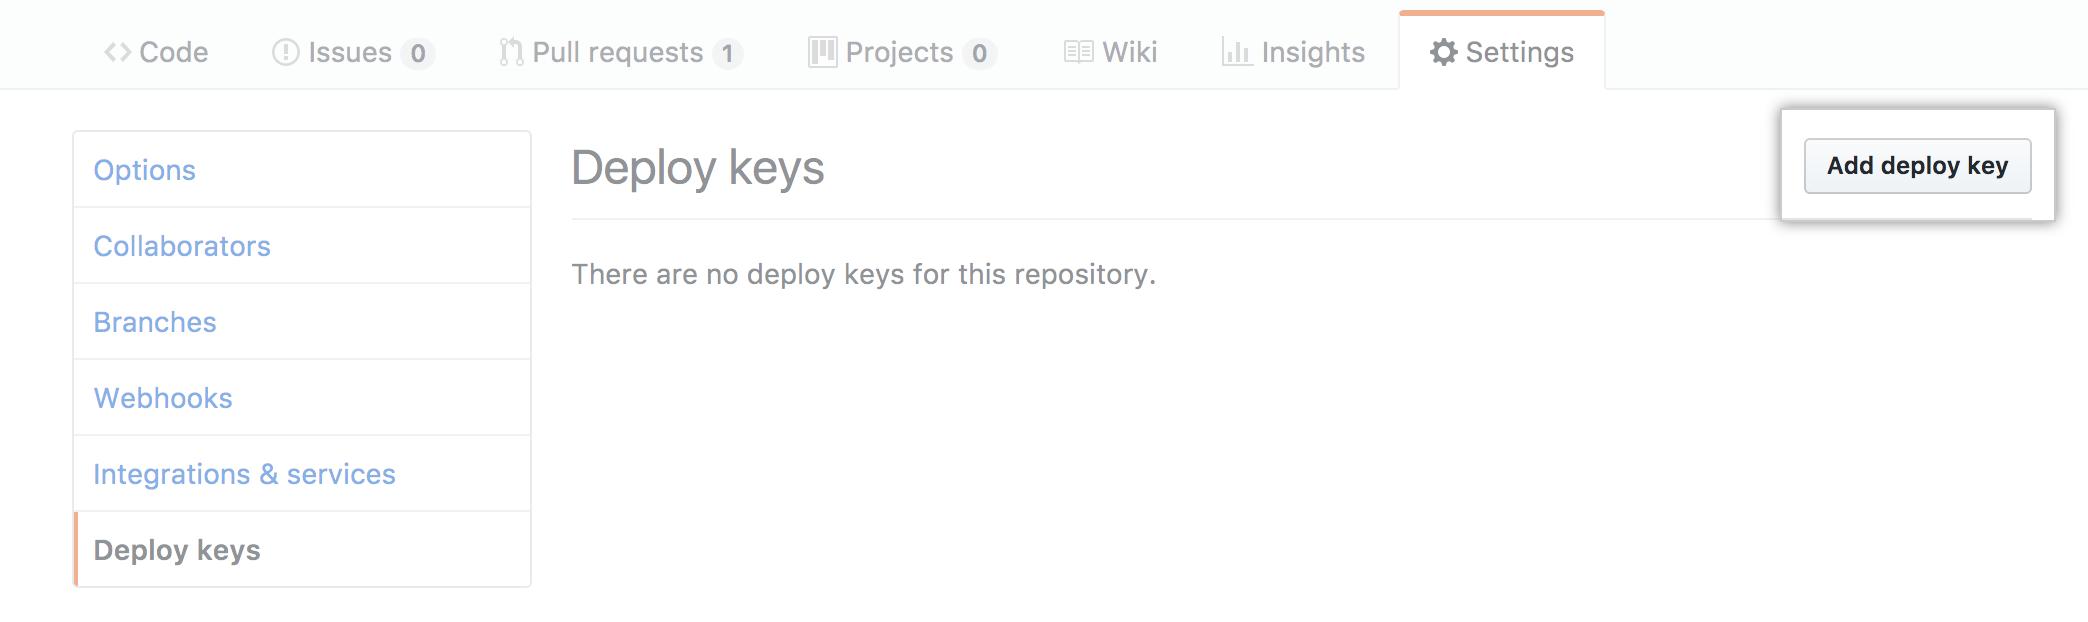 添加部署密钥链接